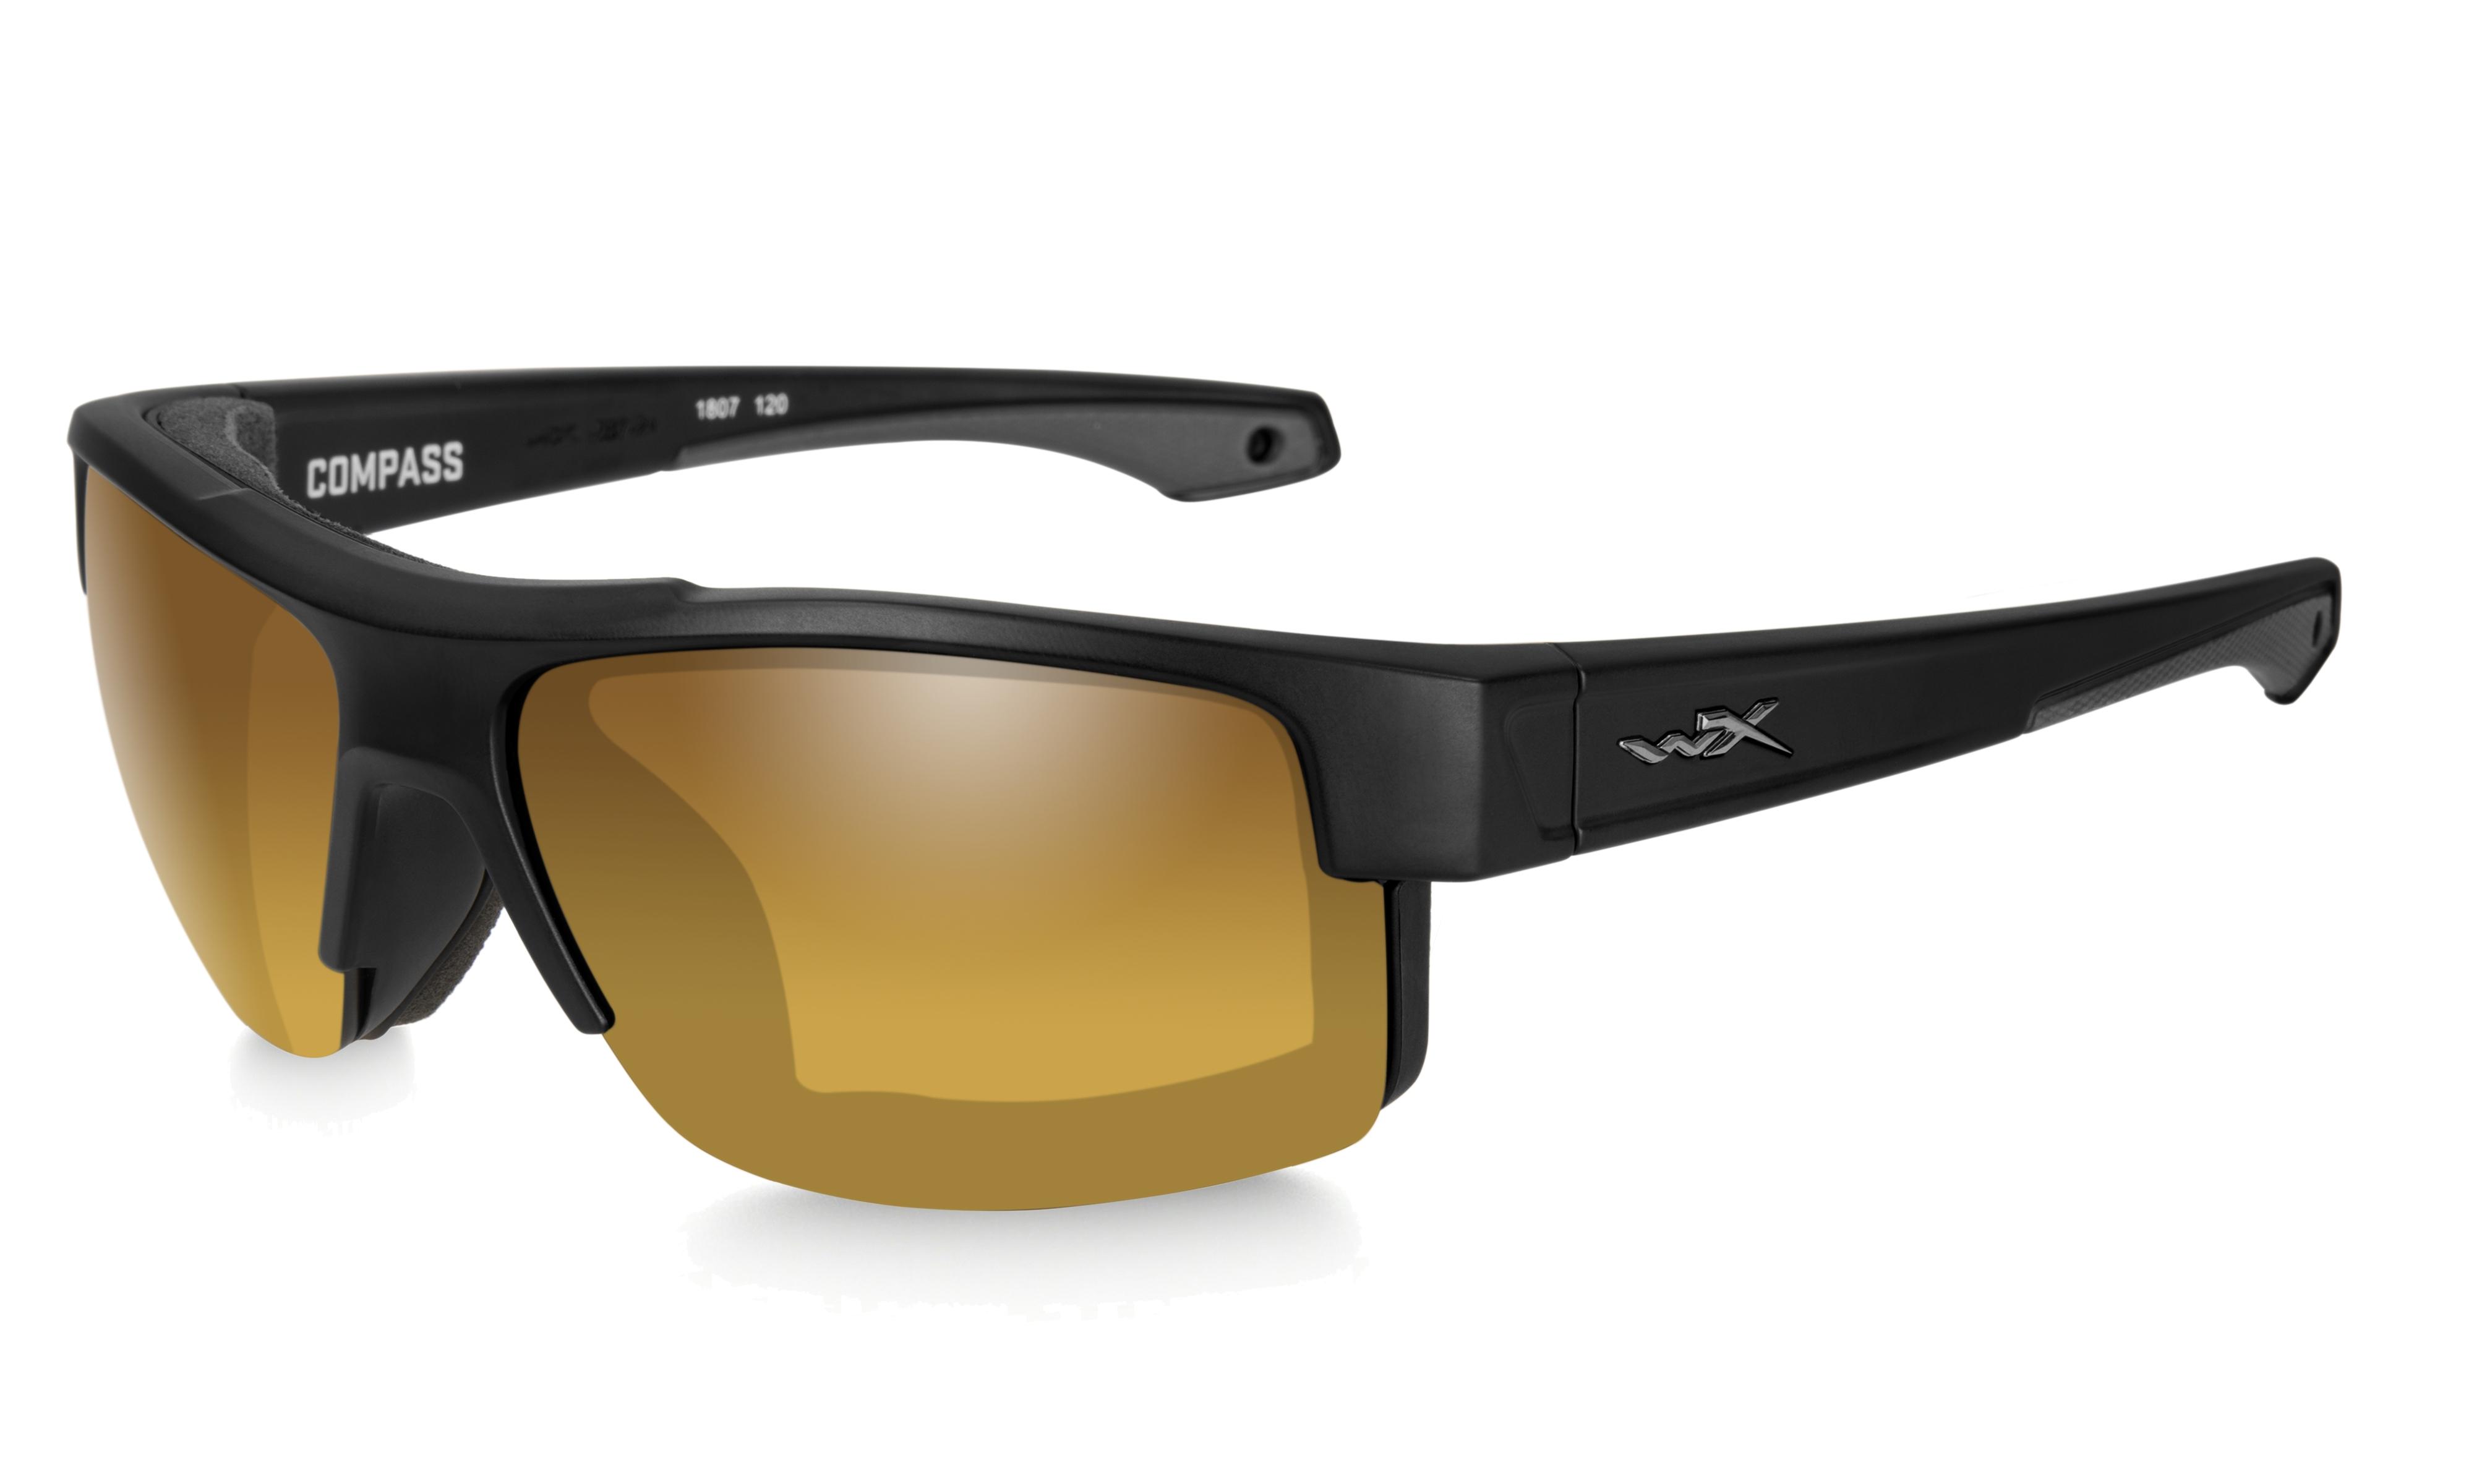 baeecd1d5e048f WileyX zonnebril - COMPASS